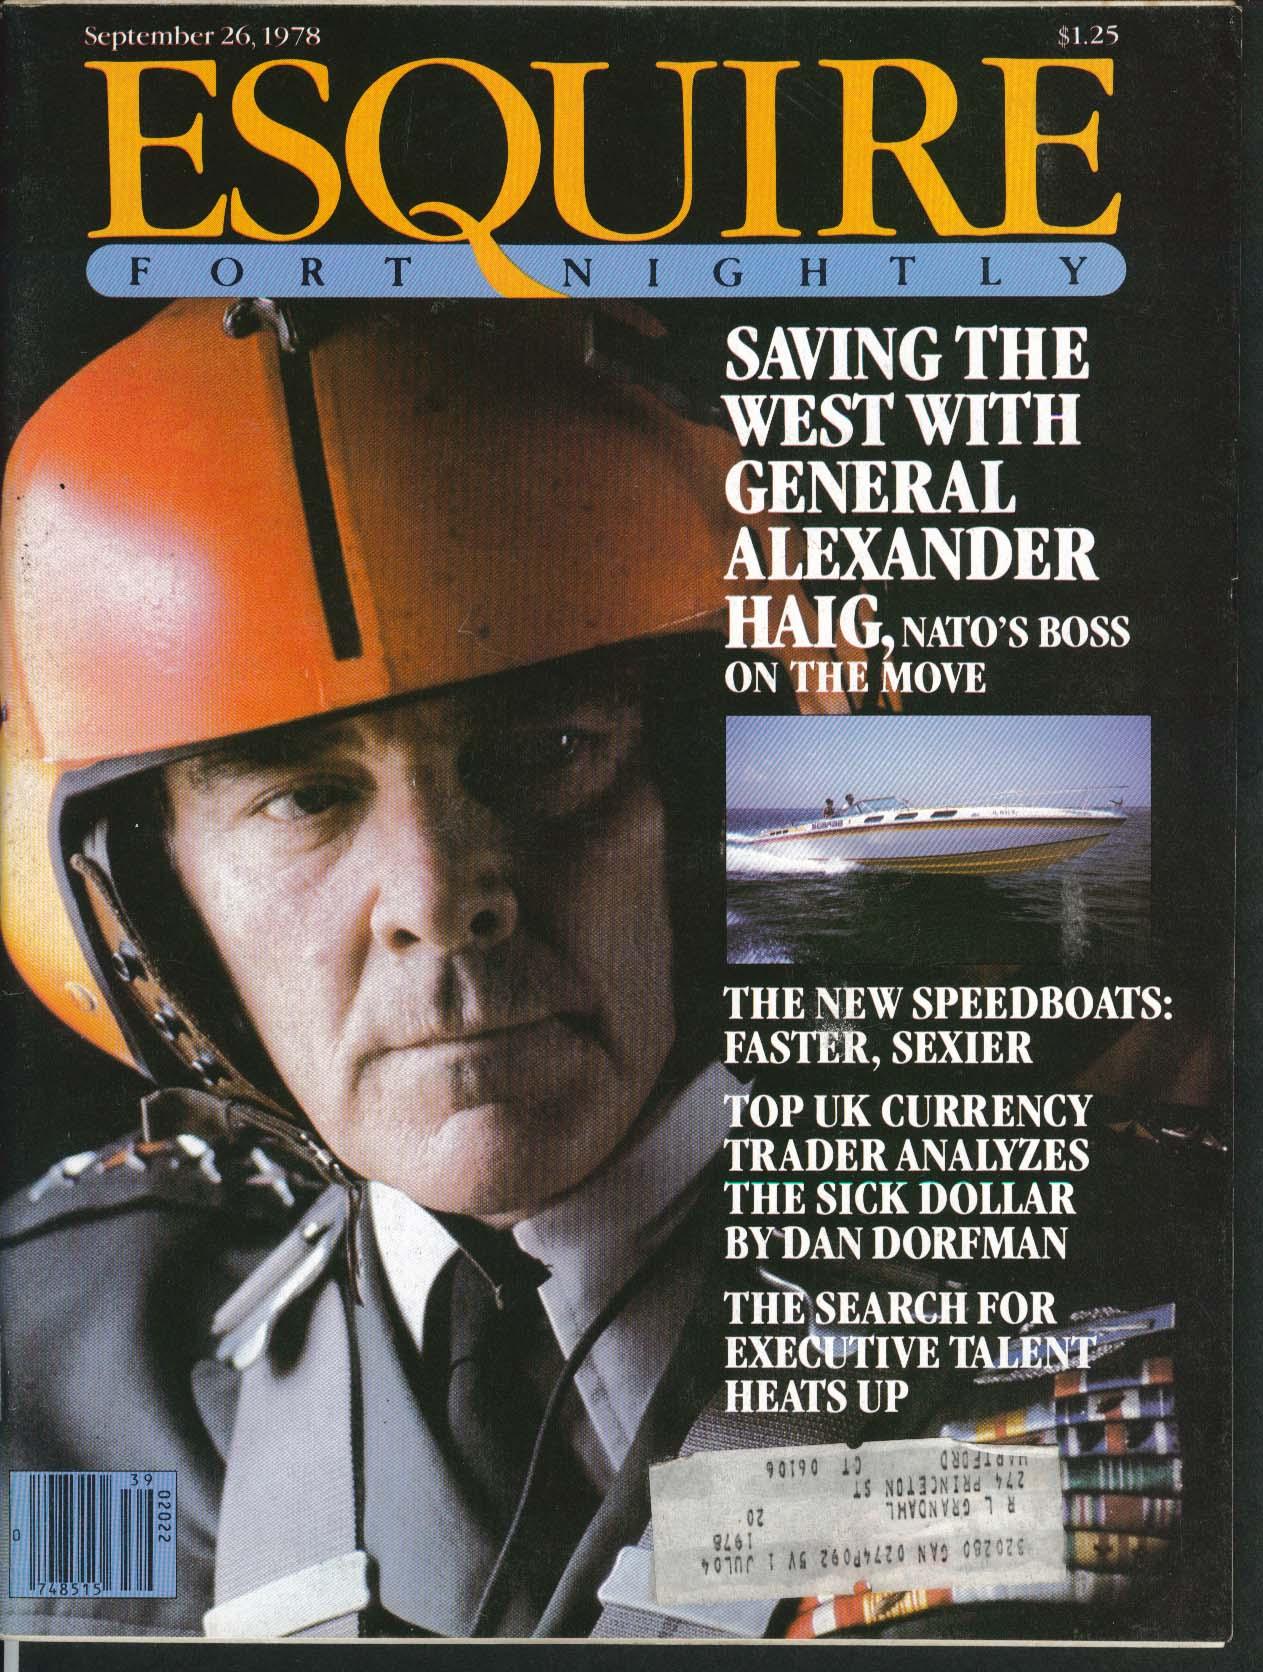 ESQUIRE General Alexander Haig Frank Corsaro 9/26 1978